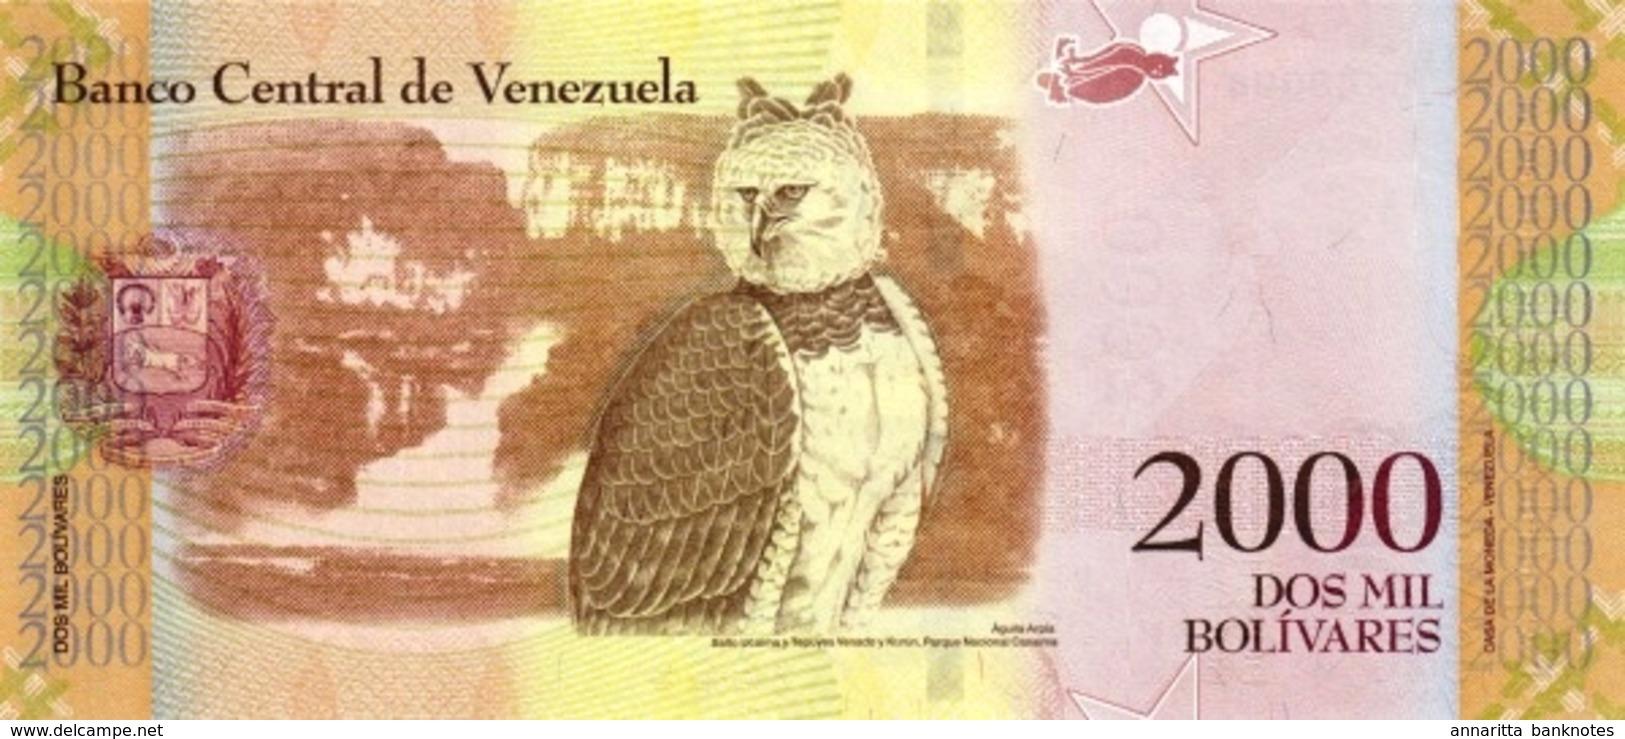 VENEZUELA 2000 BOLIVARES 2016 (2017) P-96a UNC  [VE096a] - Venezuela